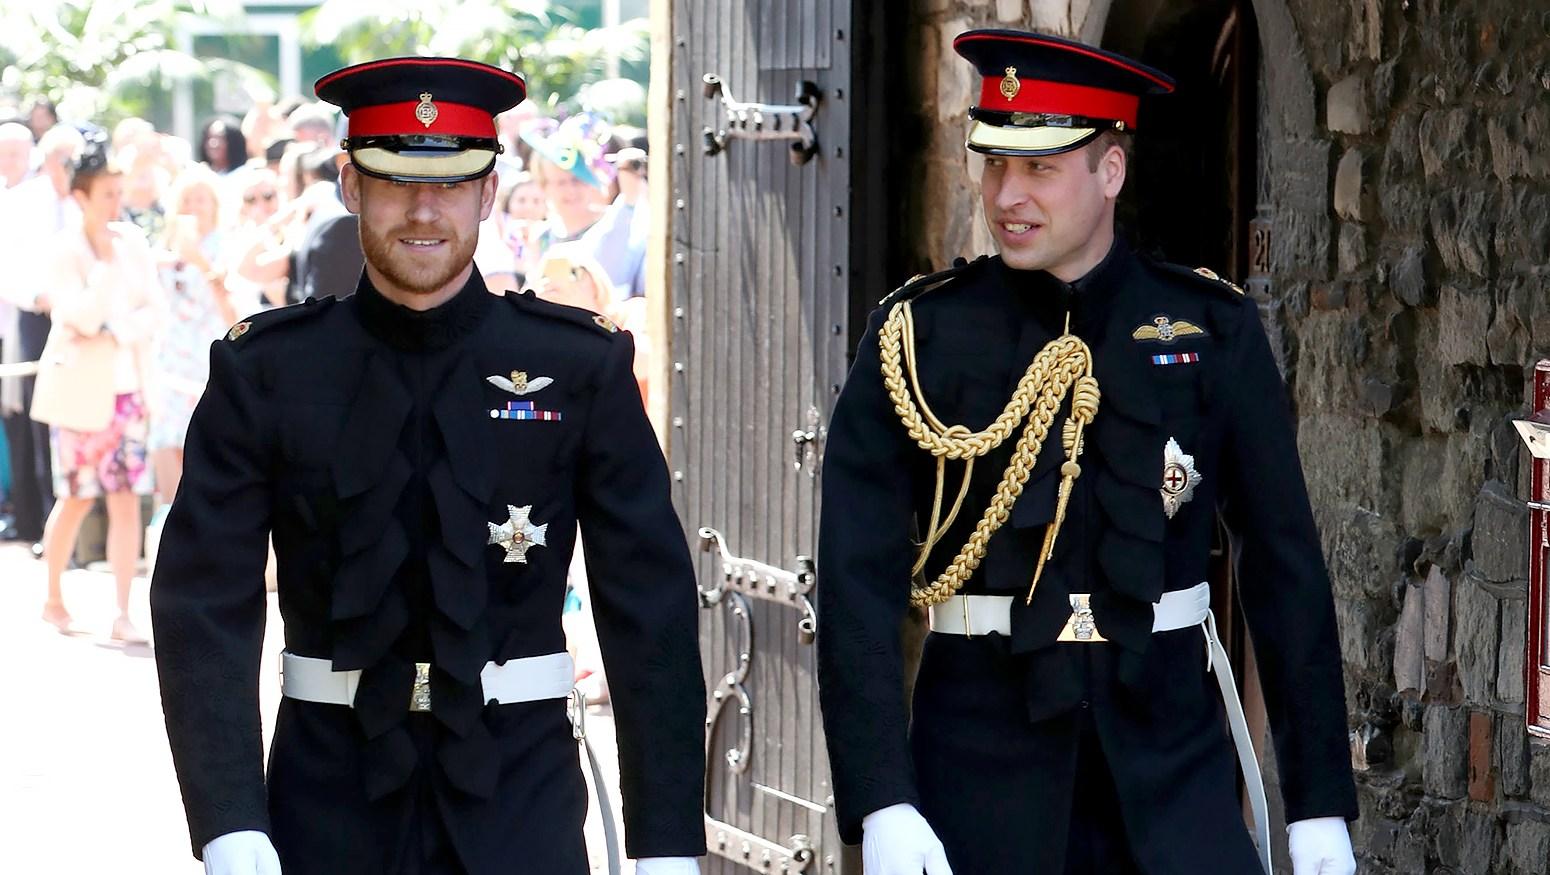 Znalezione obrazy dla zapytania prince harry and william wedding